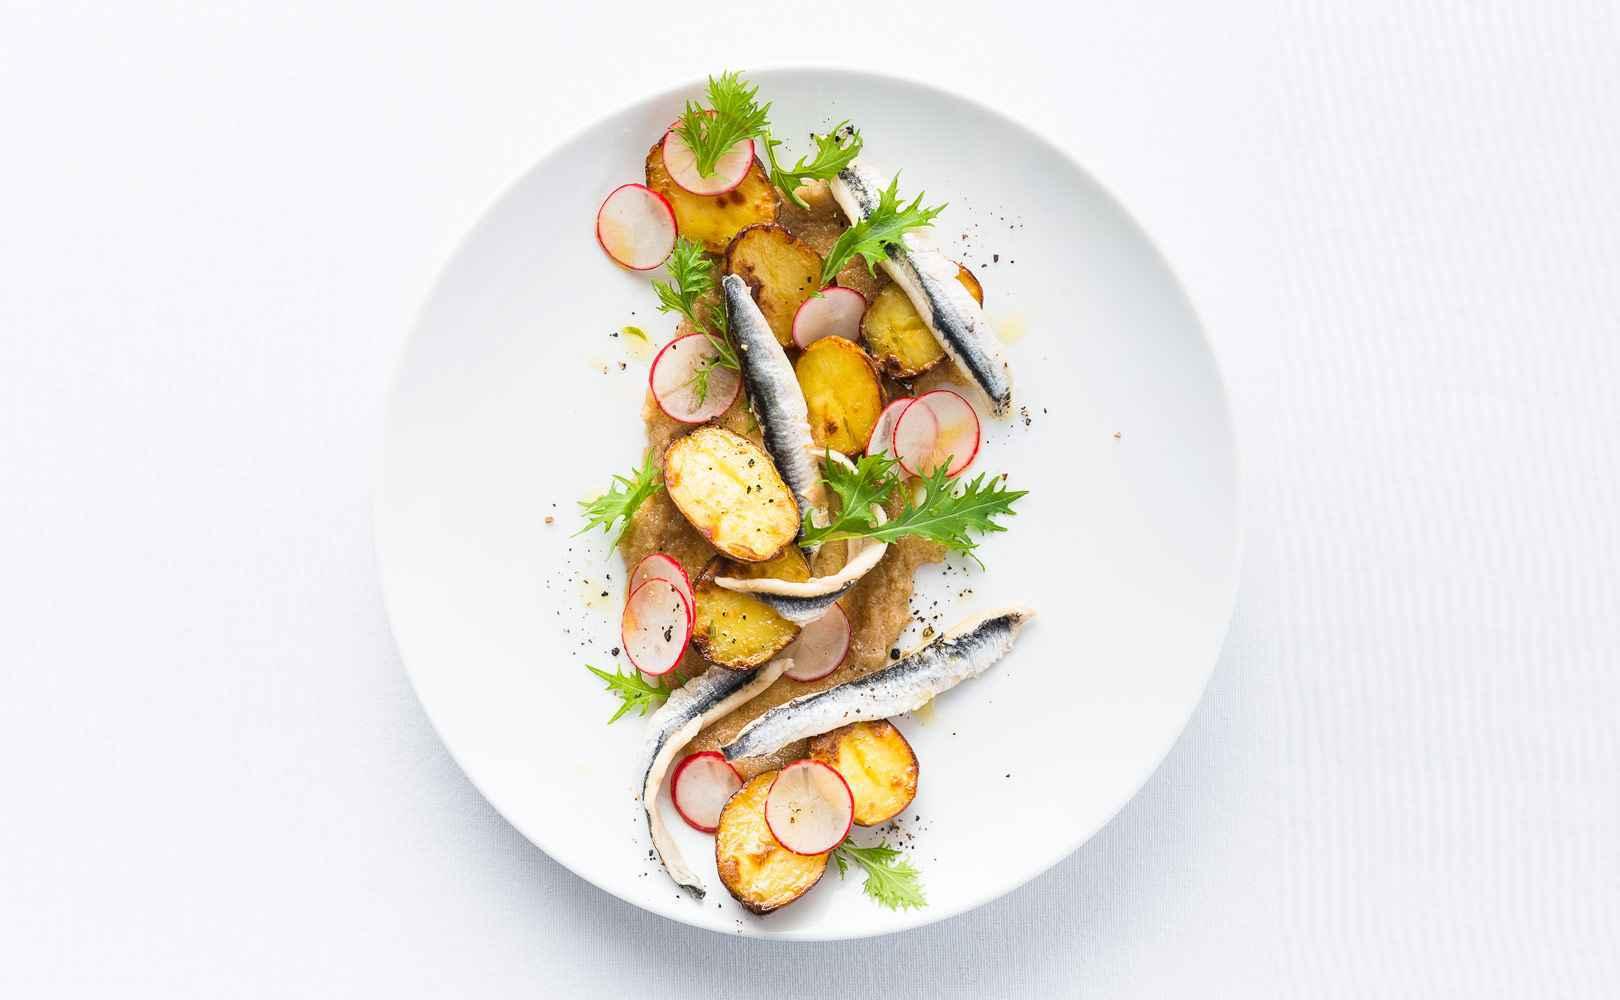 Röstkartoffelsalat mit Radieschen, Walnusspaste und Boquerones